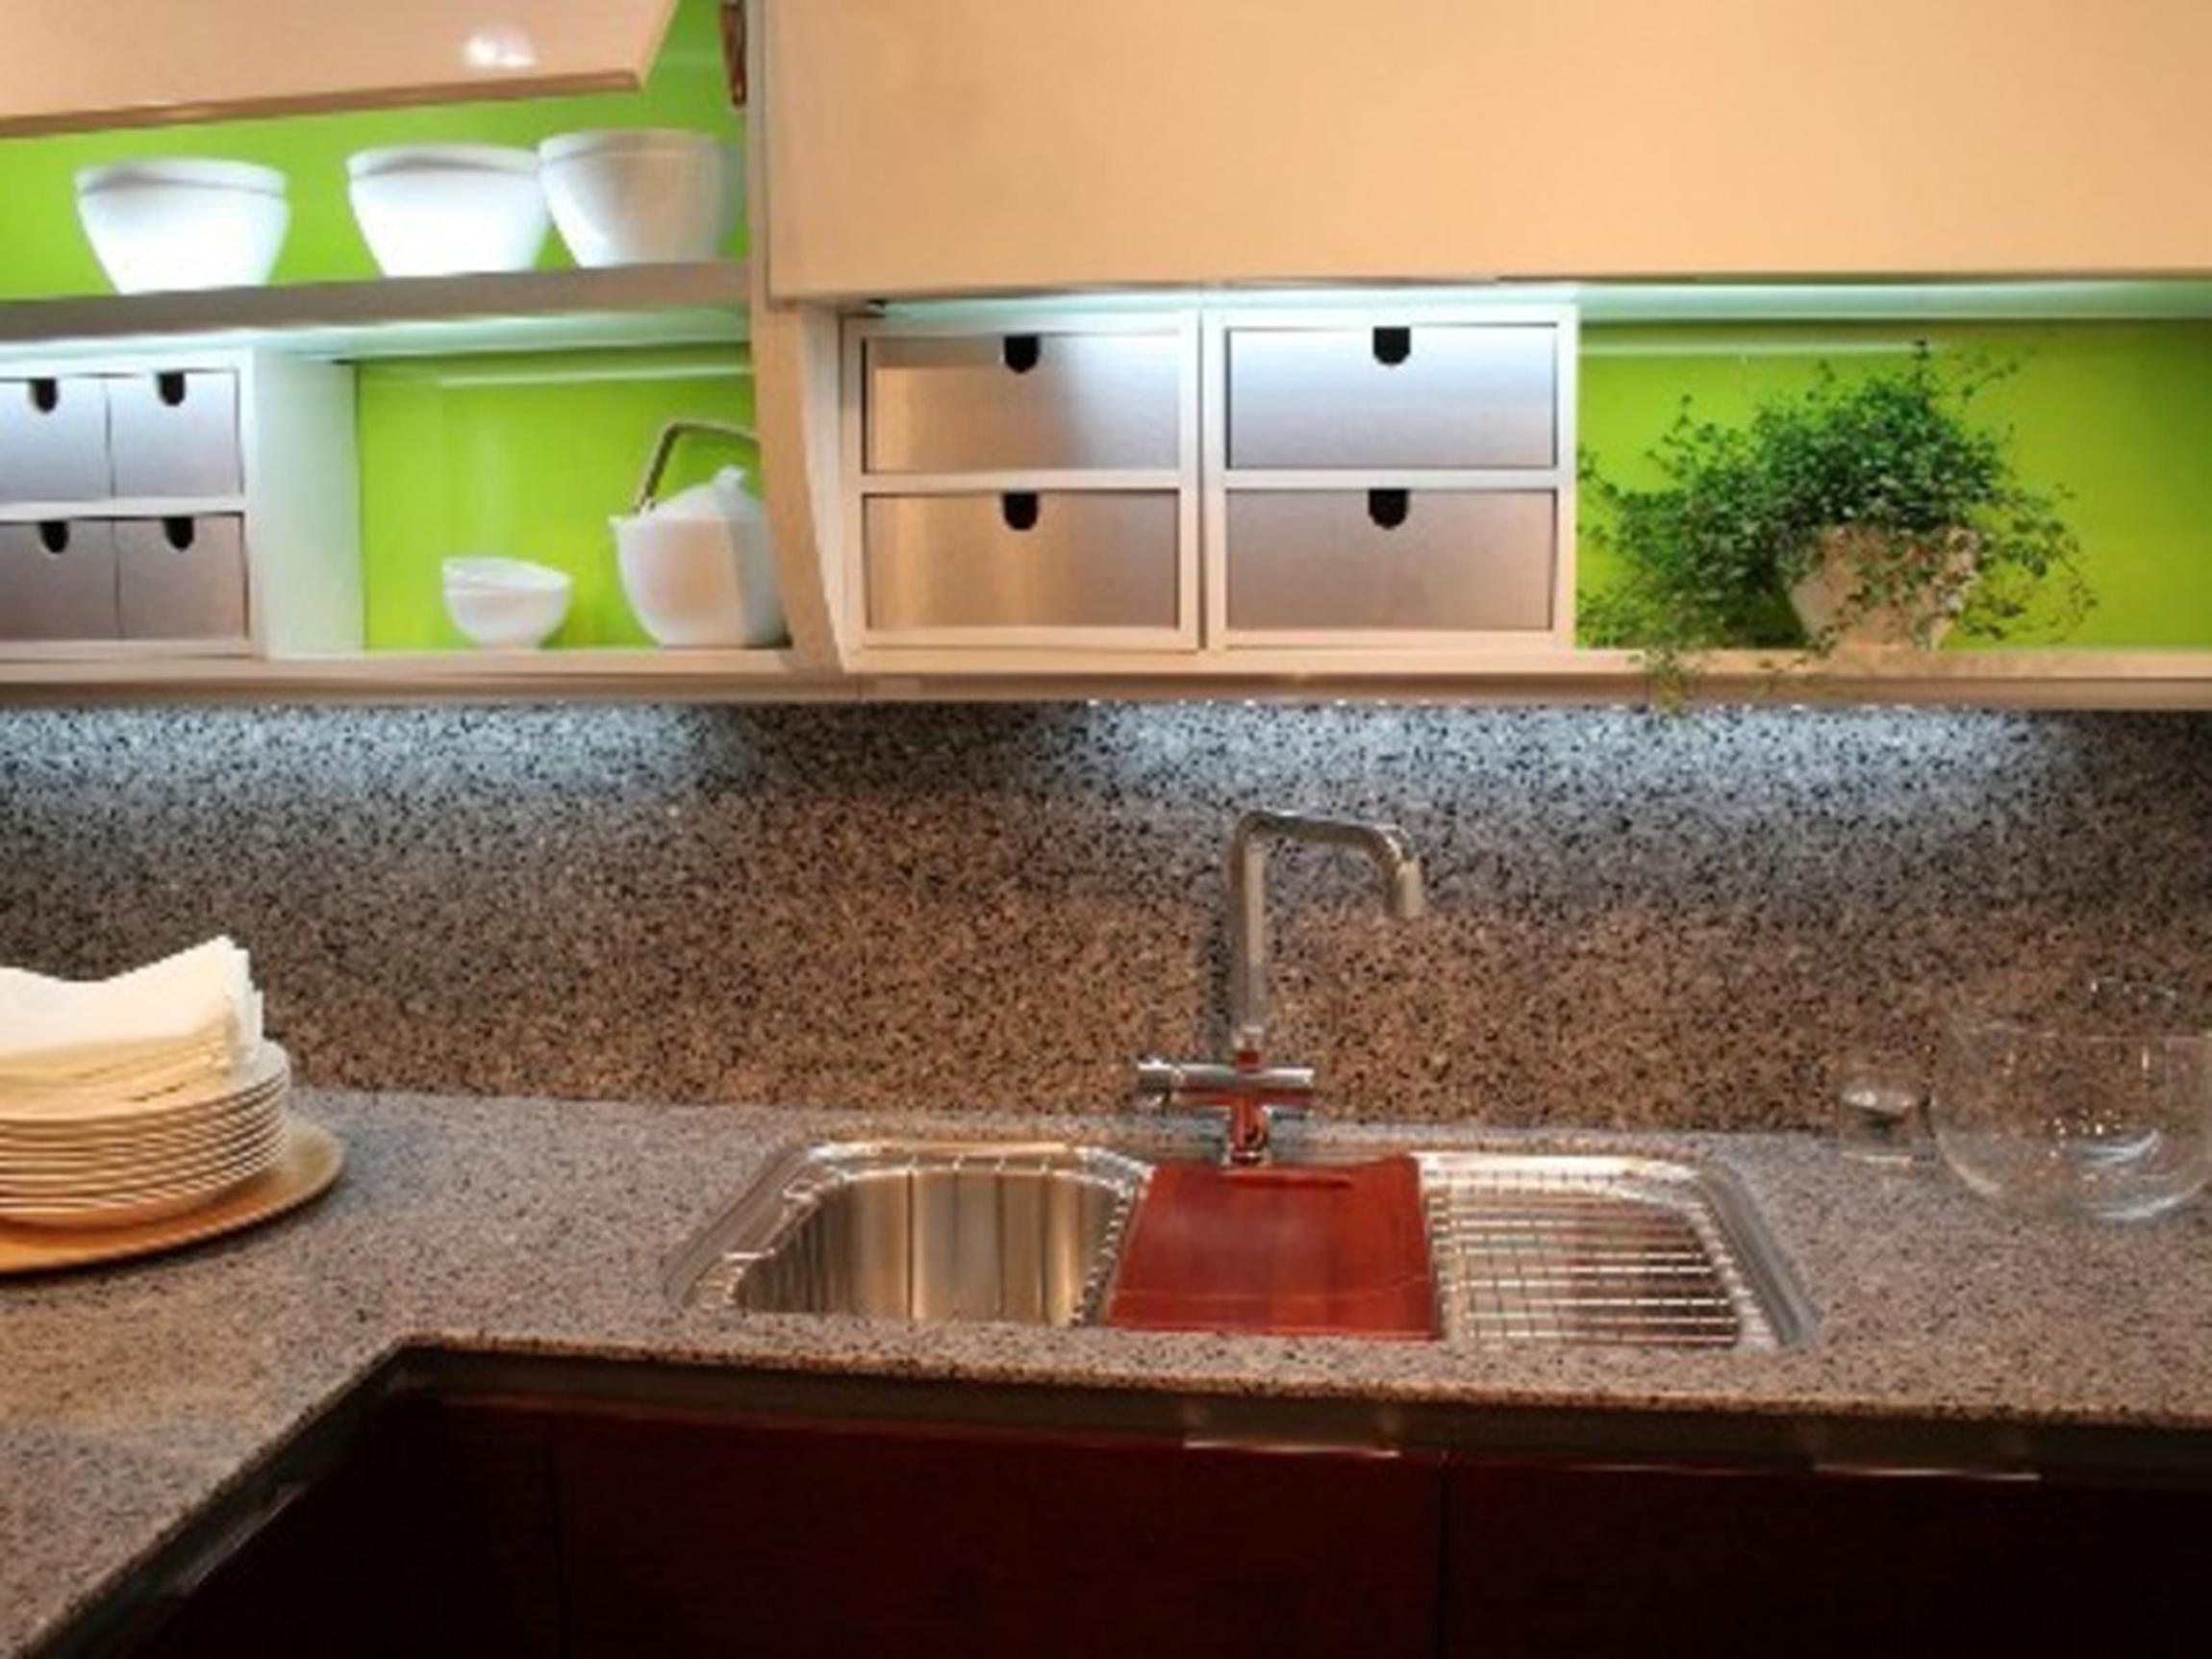 Kitchen Backsplash Tile Decoration For Your Kitchen Interior